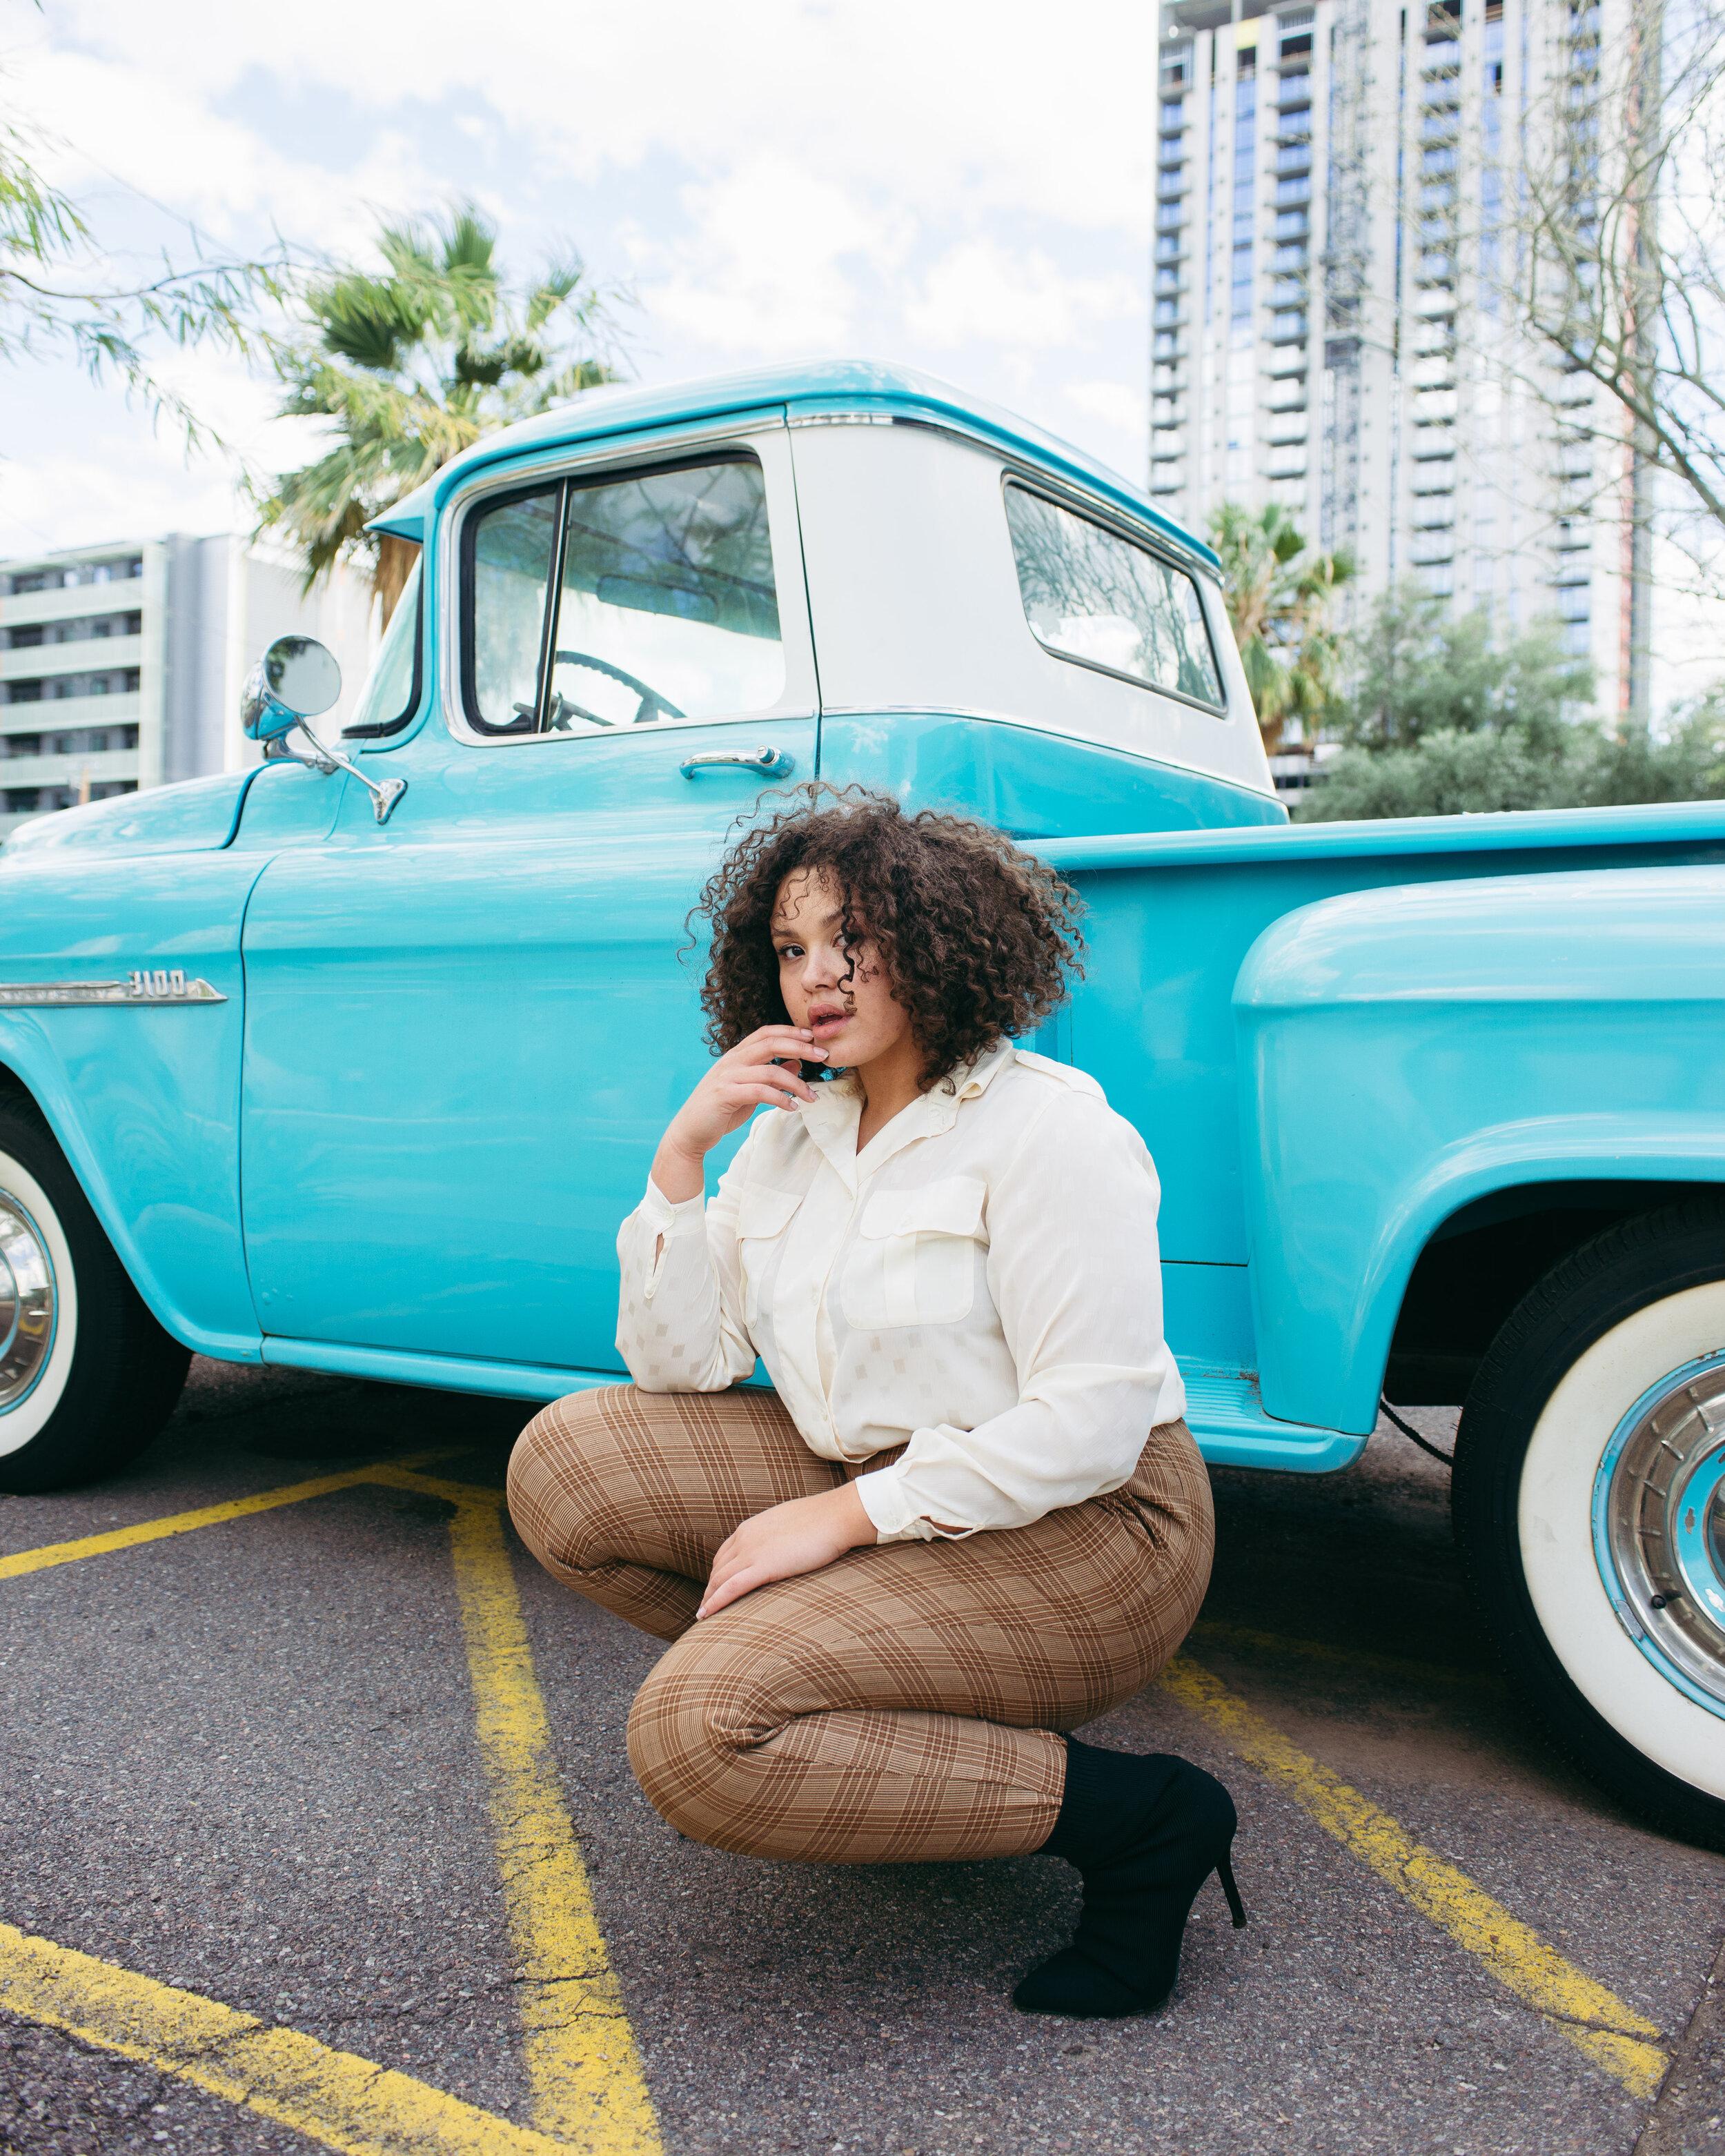 Ashley Baker - photographer + dancer + model | @ashleylorrainebaker   ashleylorrainebaker.com